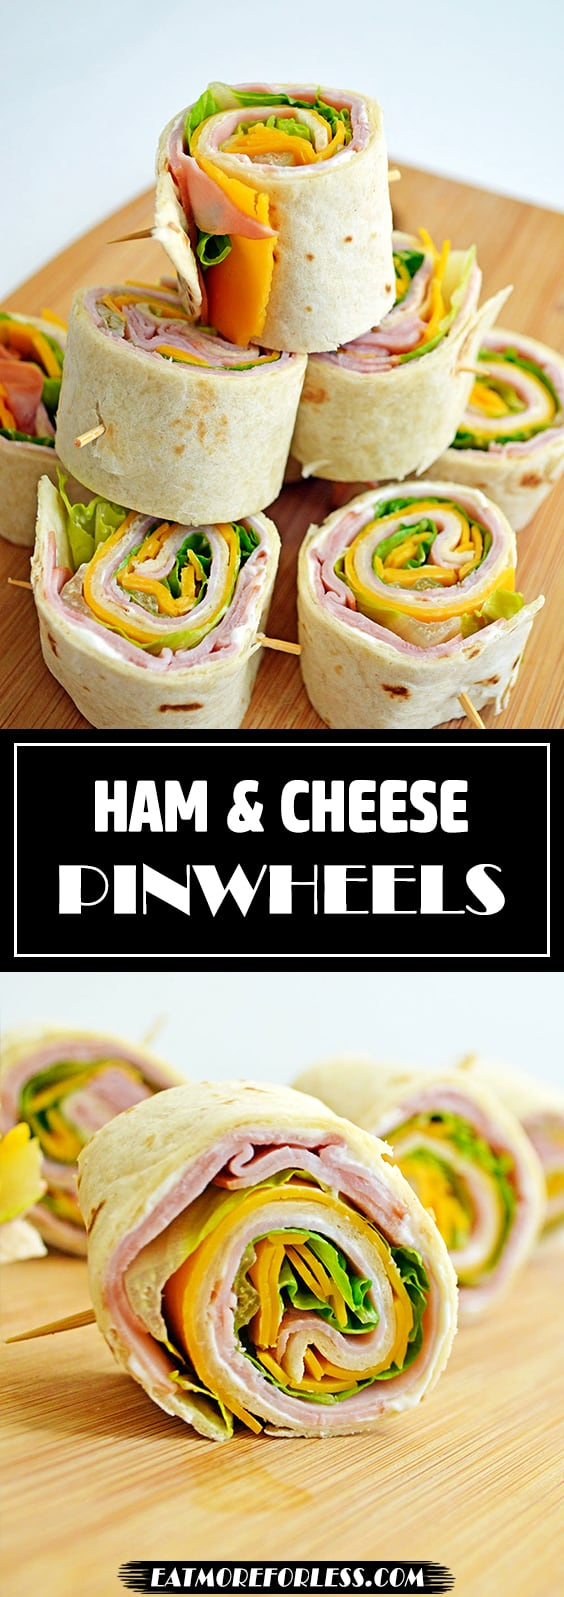 tortilla and ham rollup